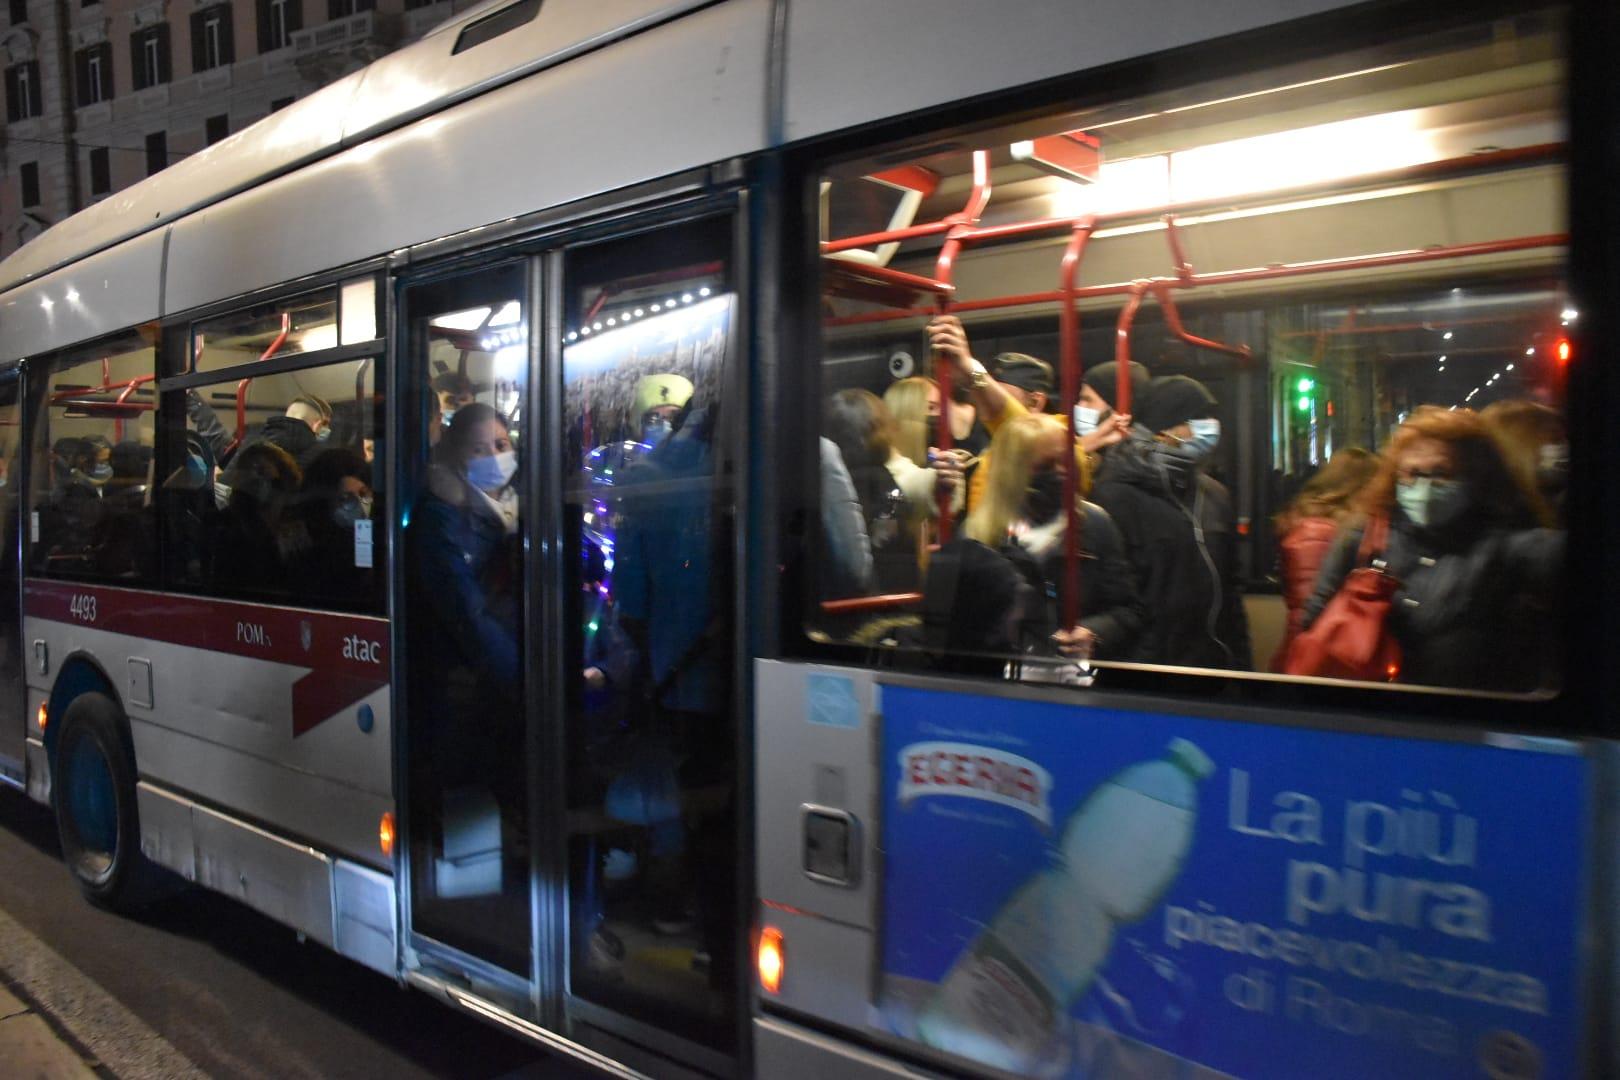 Un autobus in transito a piazzale Flaminio